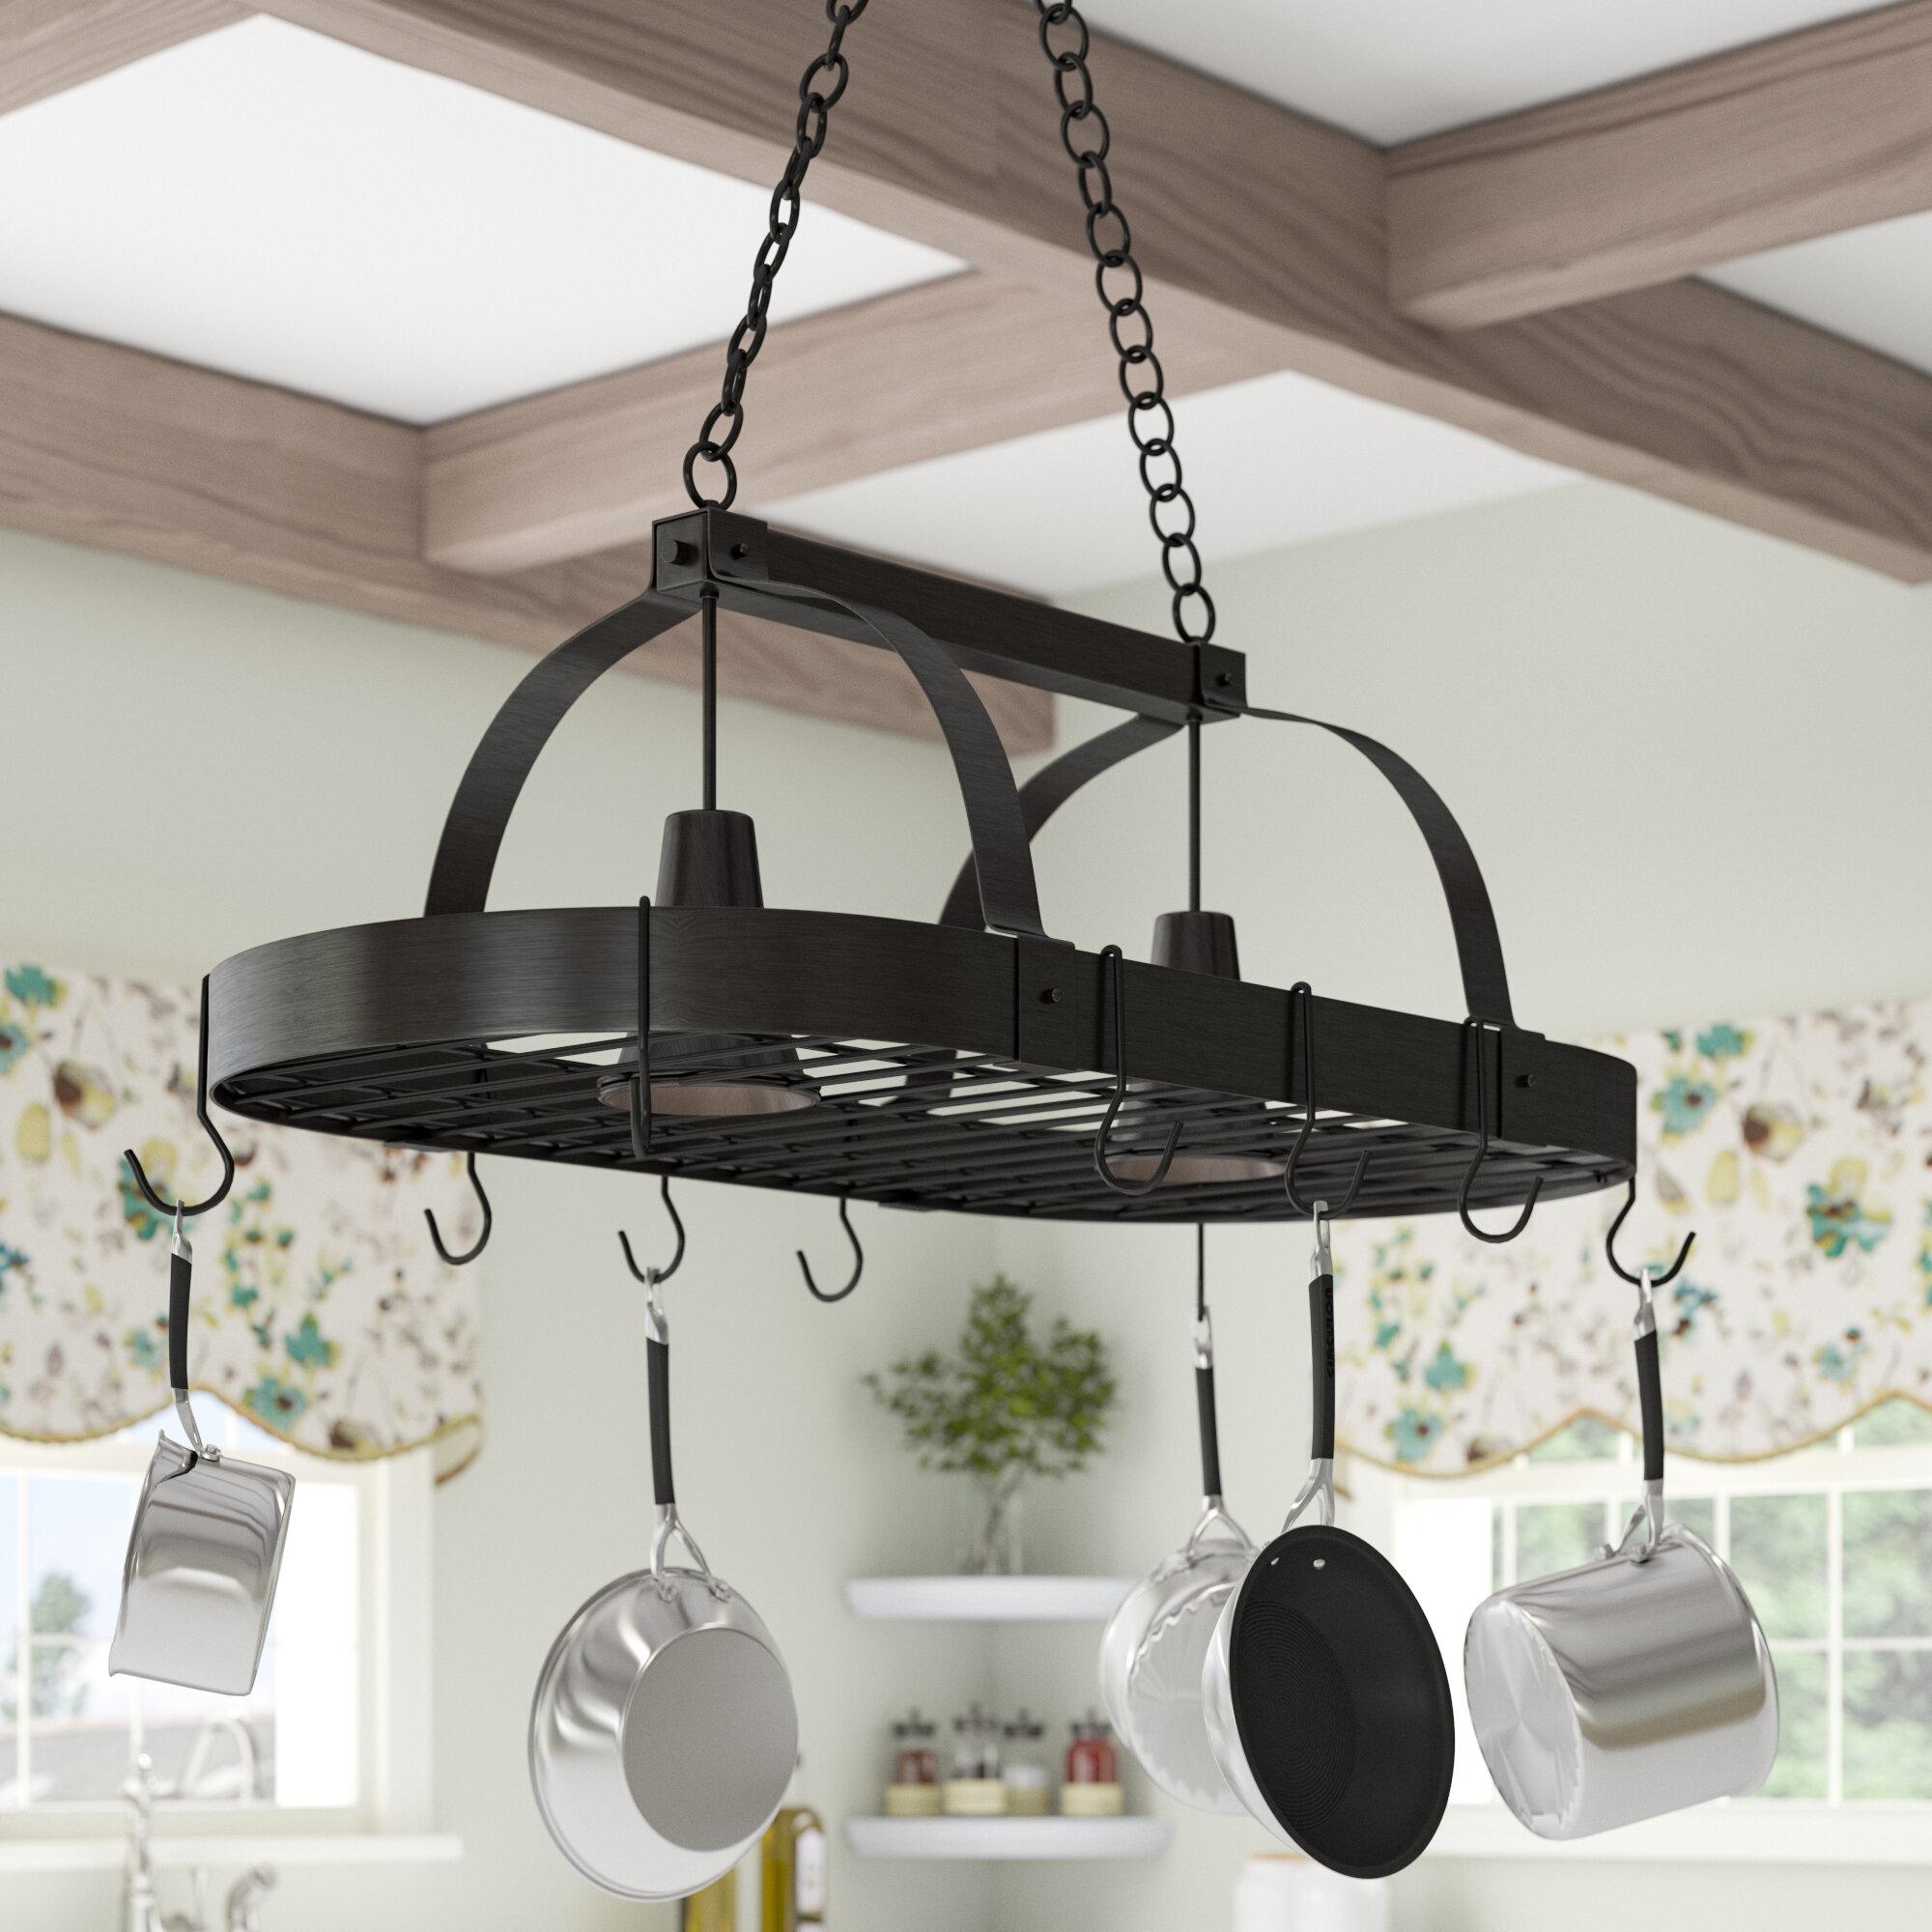 Prep Savour Adrik 2 Light Kitchen Hanging Pot Rack Reviews Wayfair